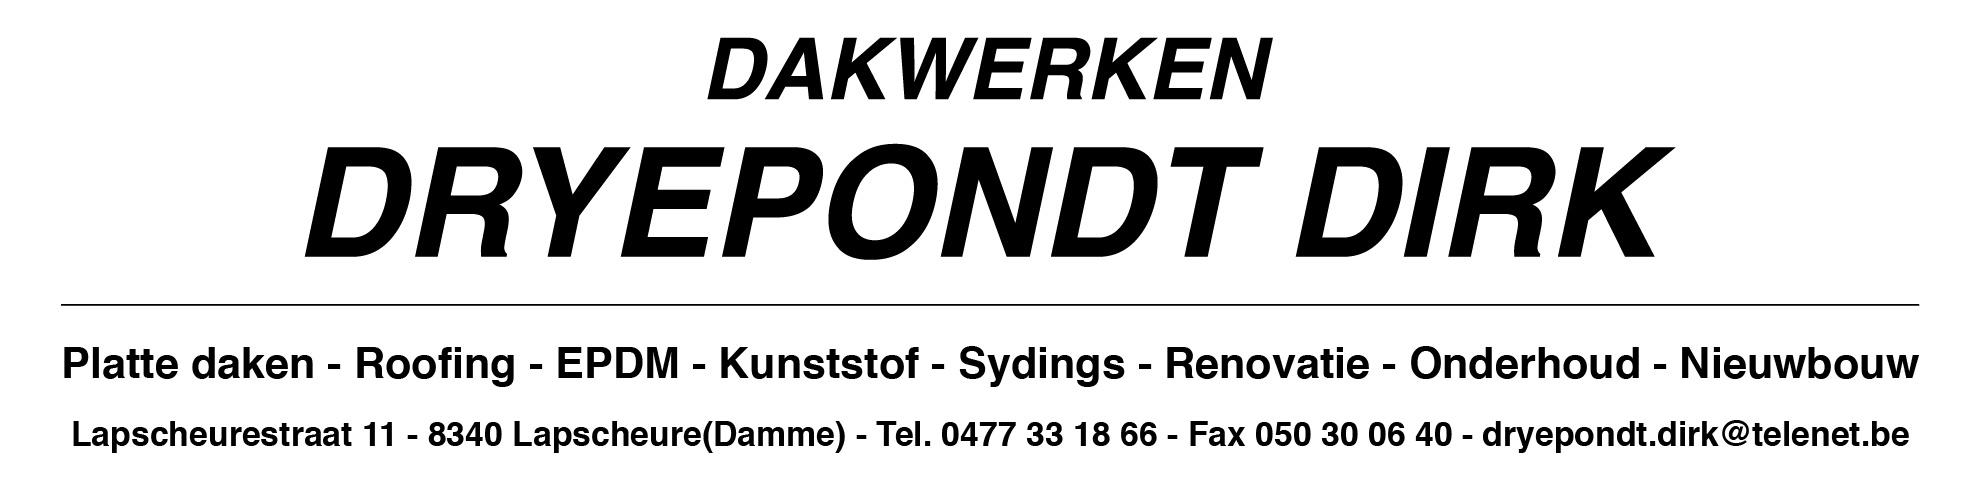 boardings_westkapelle_3Artboard 1 copy